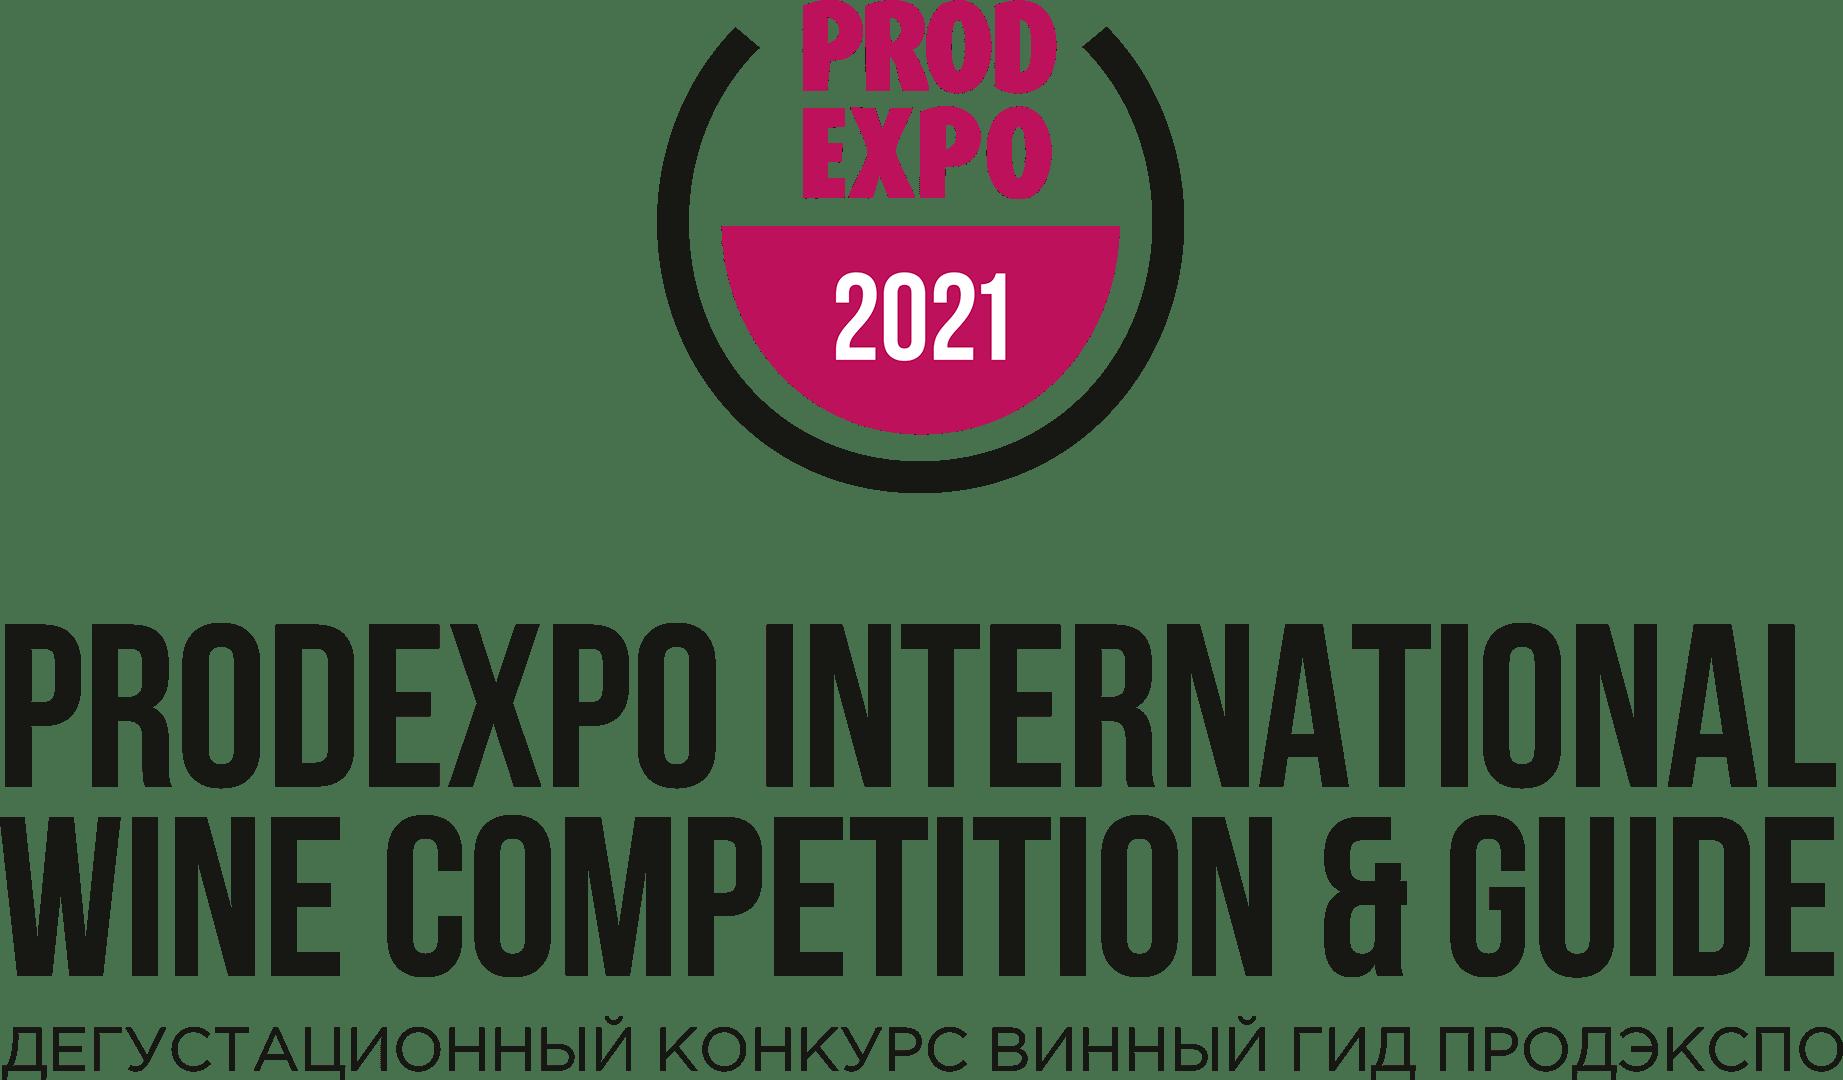 ПРОДЭКСПО-2021 лого